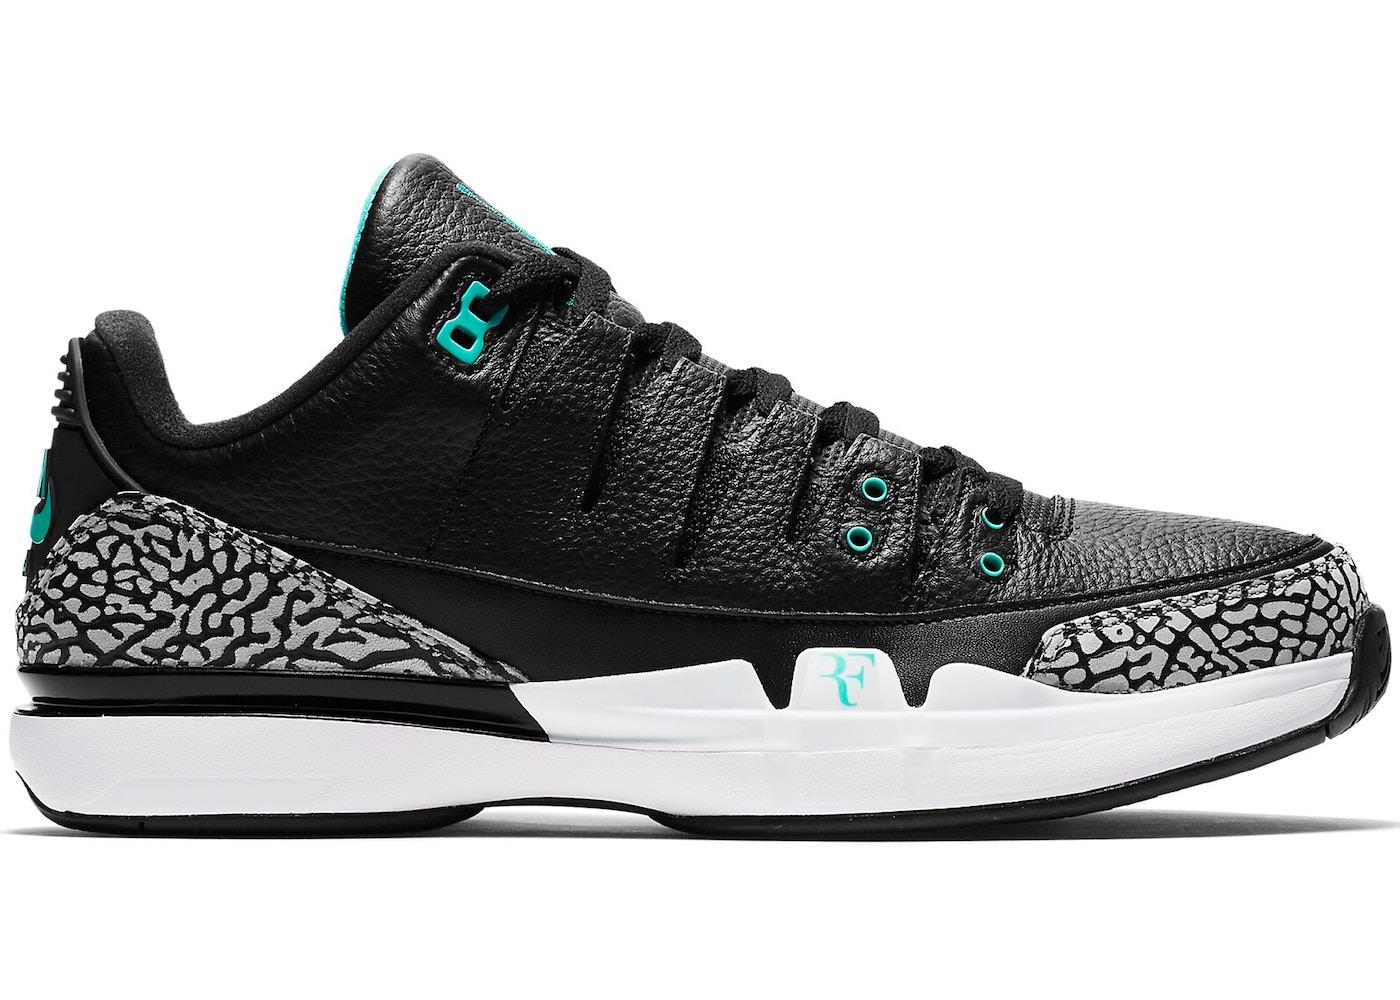 Nike Zoom Vapor AJ3 Atmos Jade - 709998-031 02f3401f3